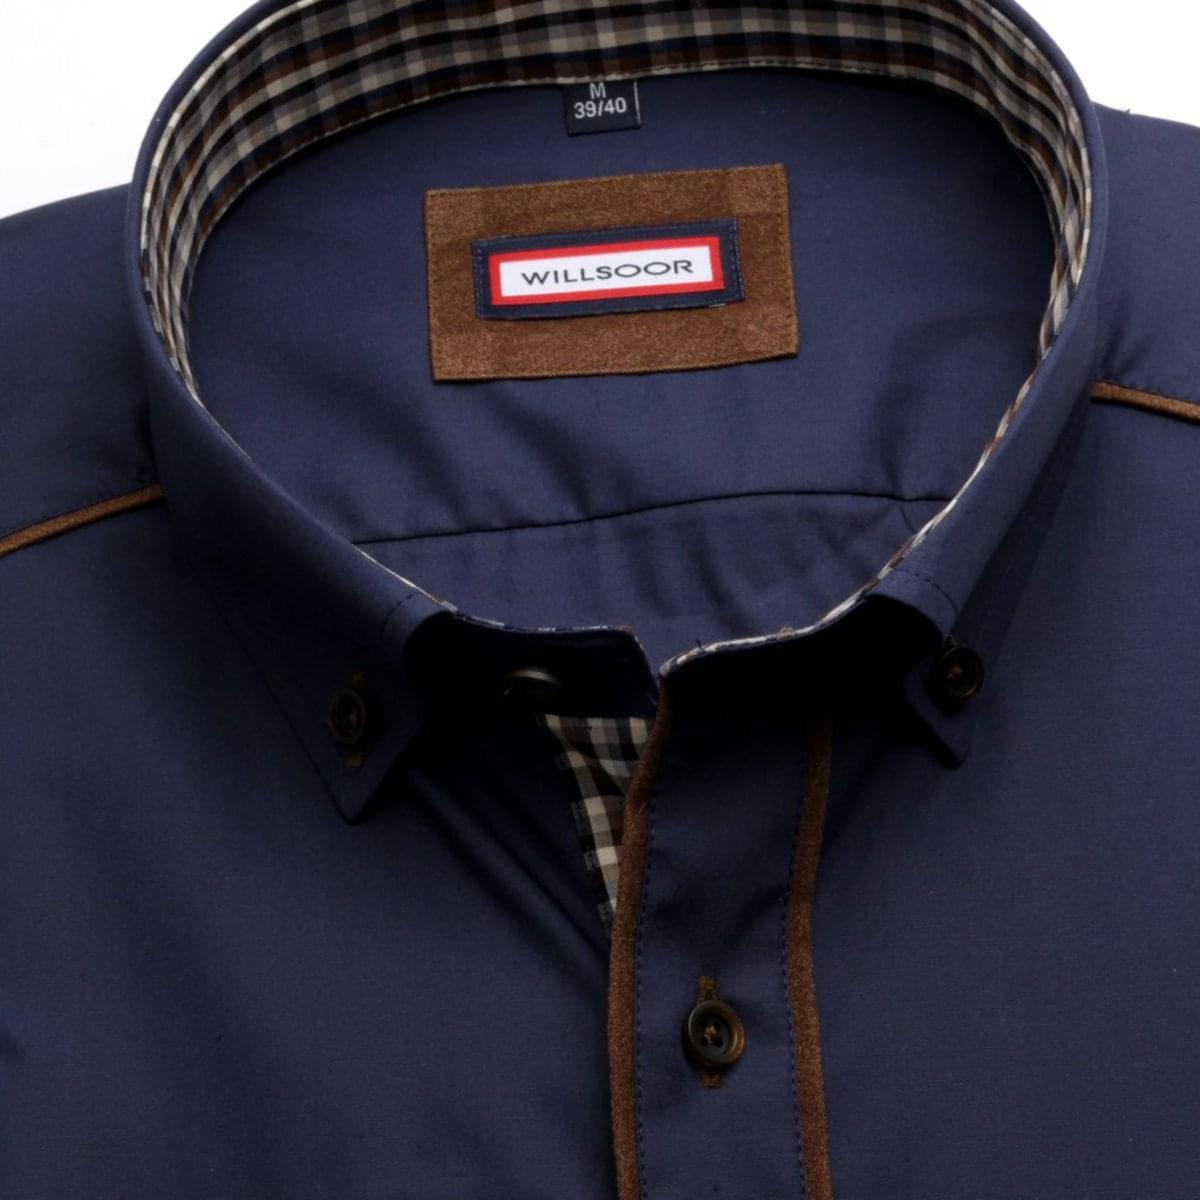 Pánská košile Slim Fit (výška 176-182) 6082 ve tmavě modré barvě s formulí Easy Care 176-182 / M (39/40)